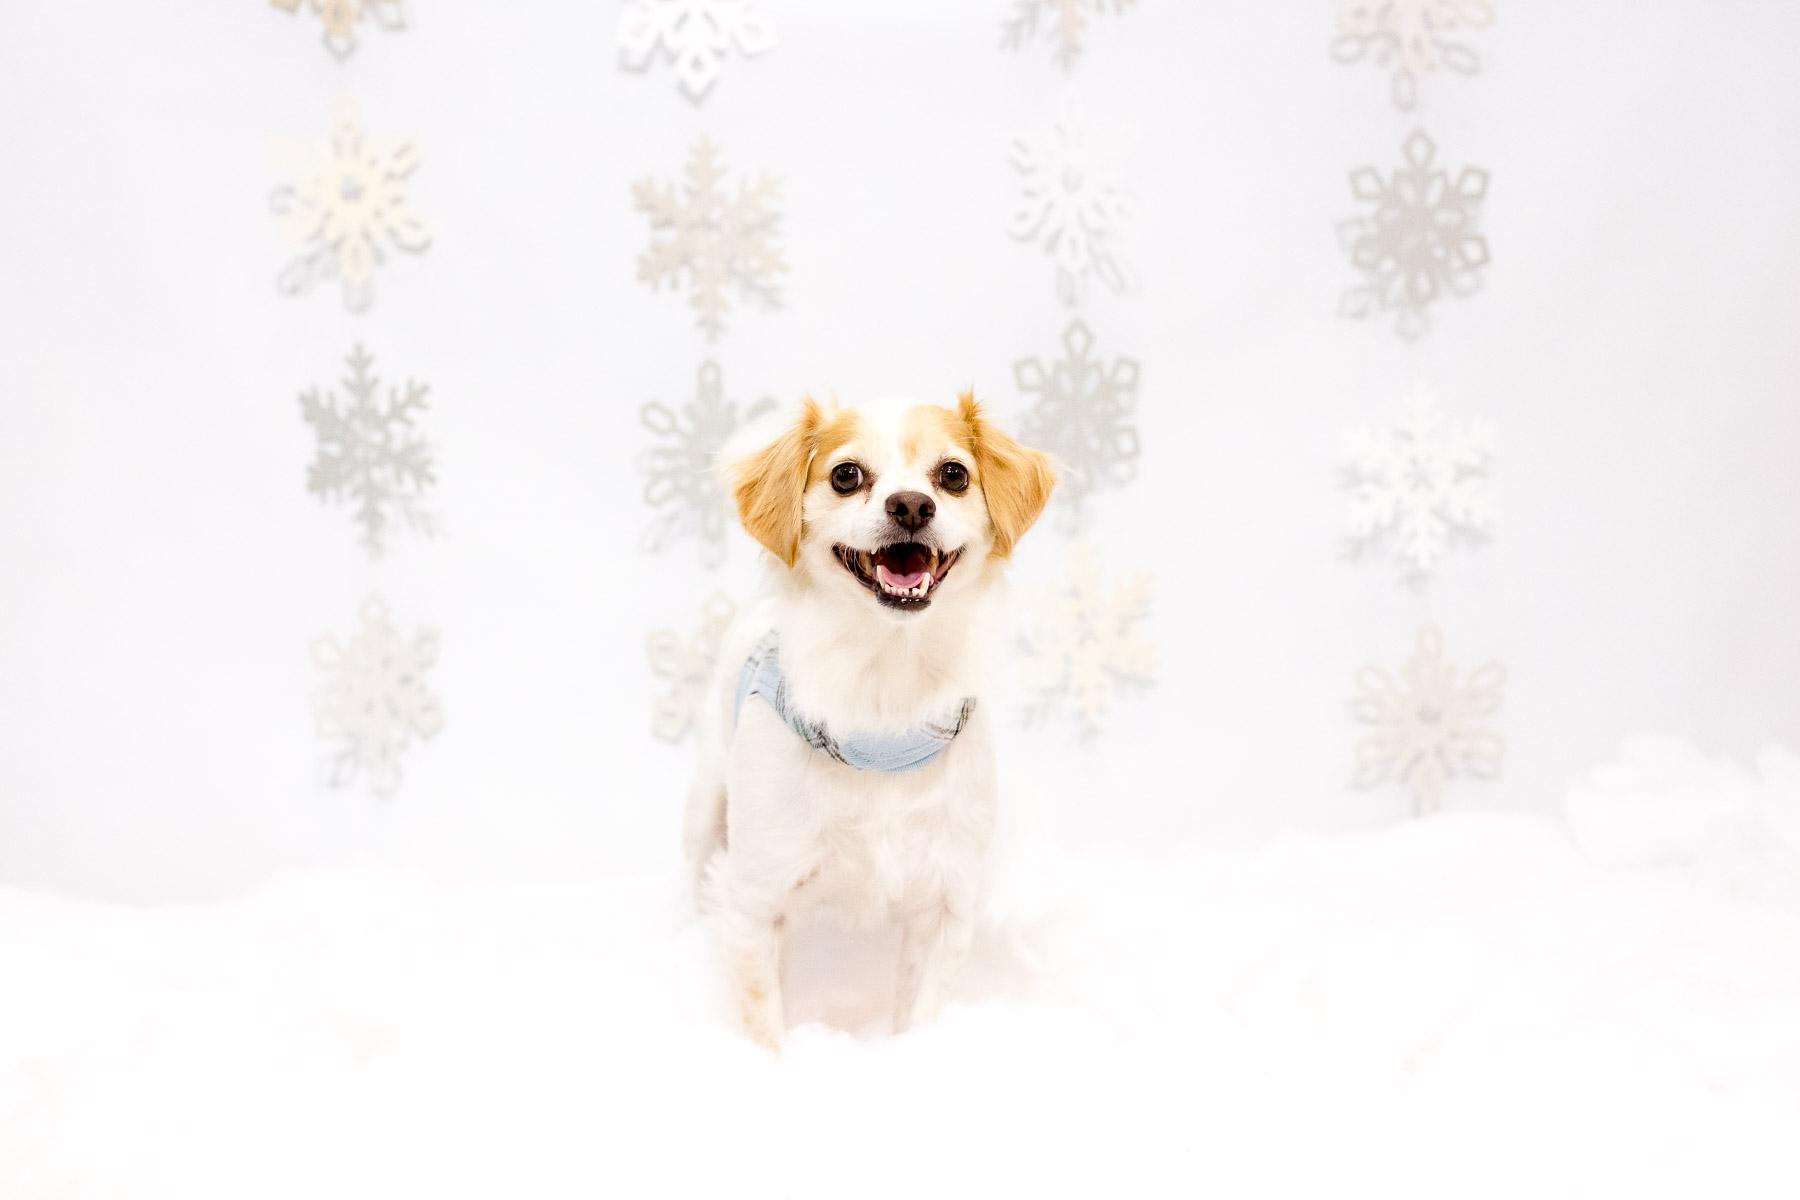 dog-photobooth-ideas